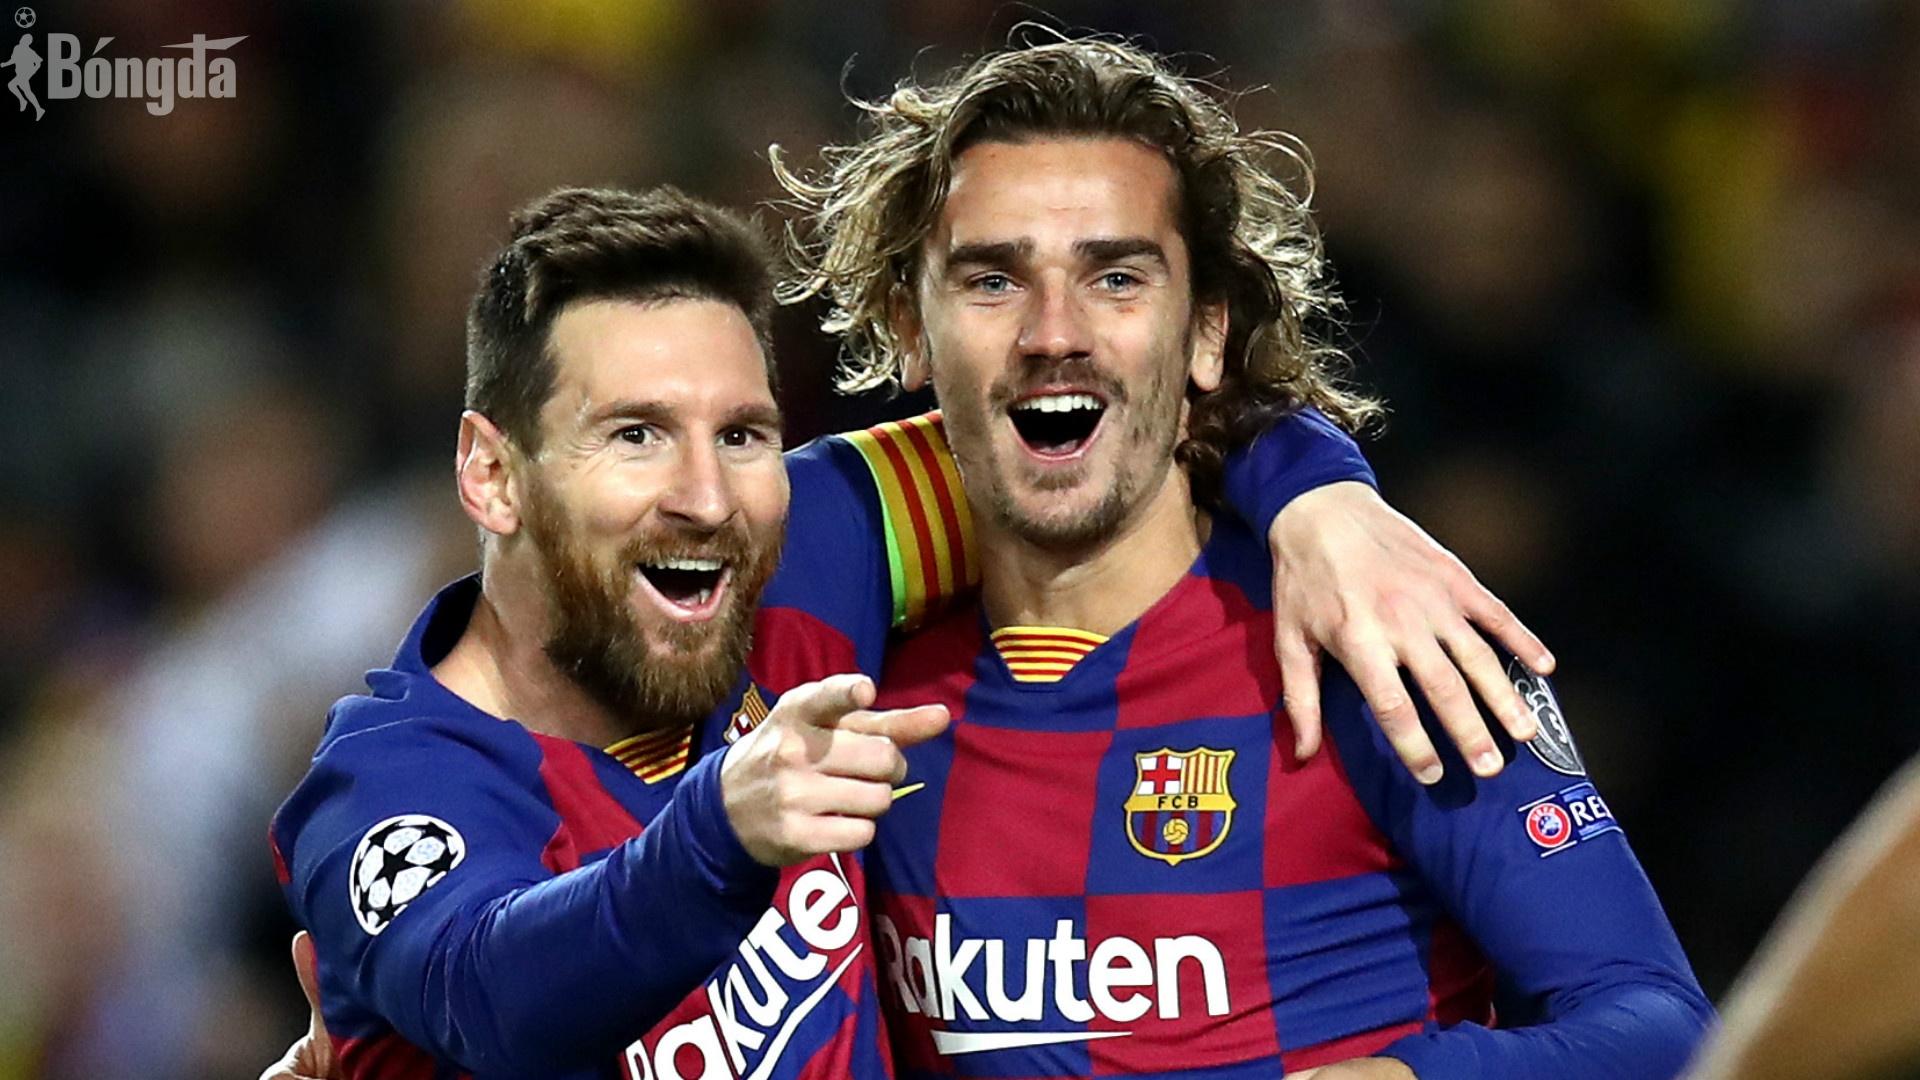 Chuyển nhượng La Liga mới nhất: Vì Messi, Barca hy sinh Antoine Griezmann